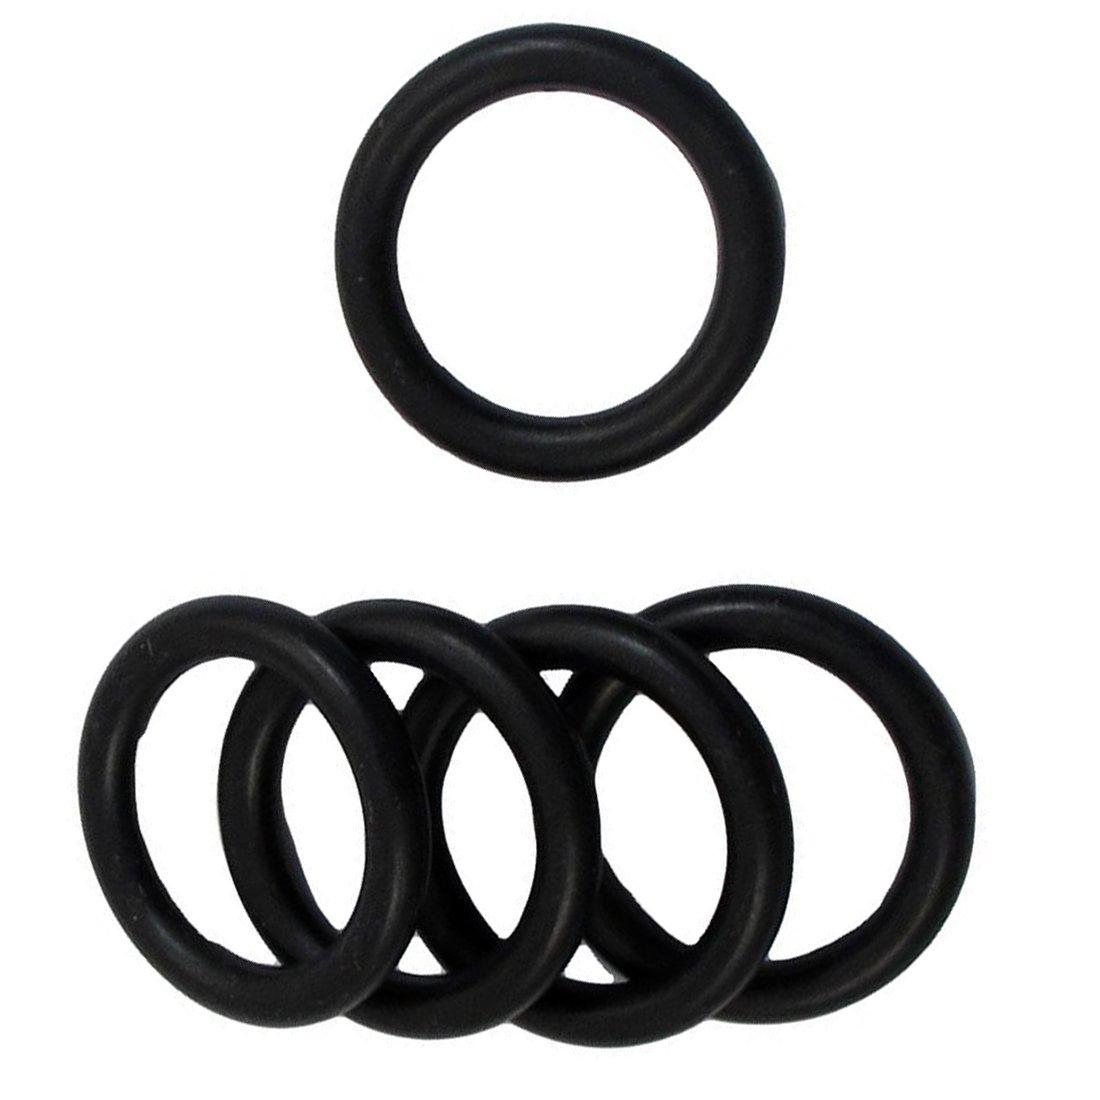 TOOGOO 5 Stueck 70 mm Aussen Dia 5 mm dick Sealing oelfilter O-Ringe Dichtungen R O-Ring-Dichtungen